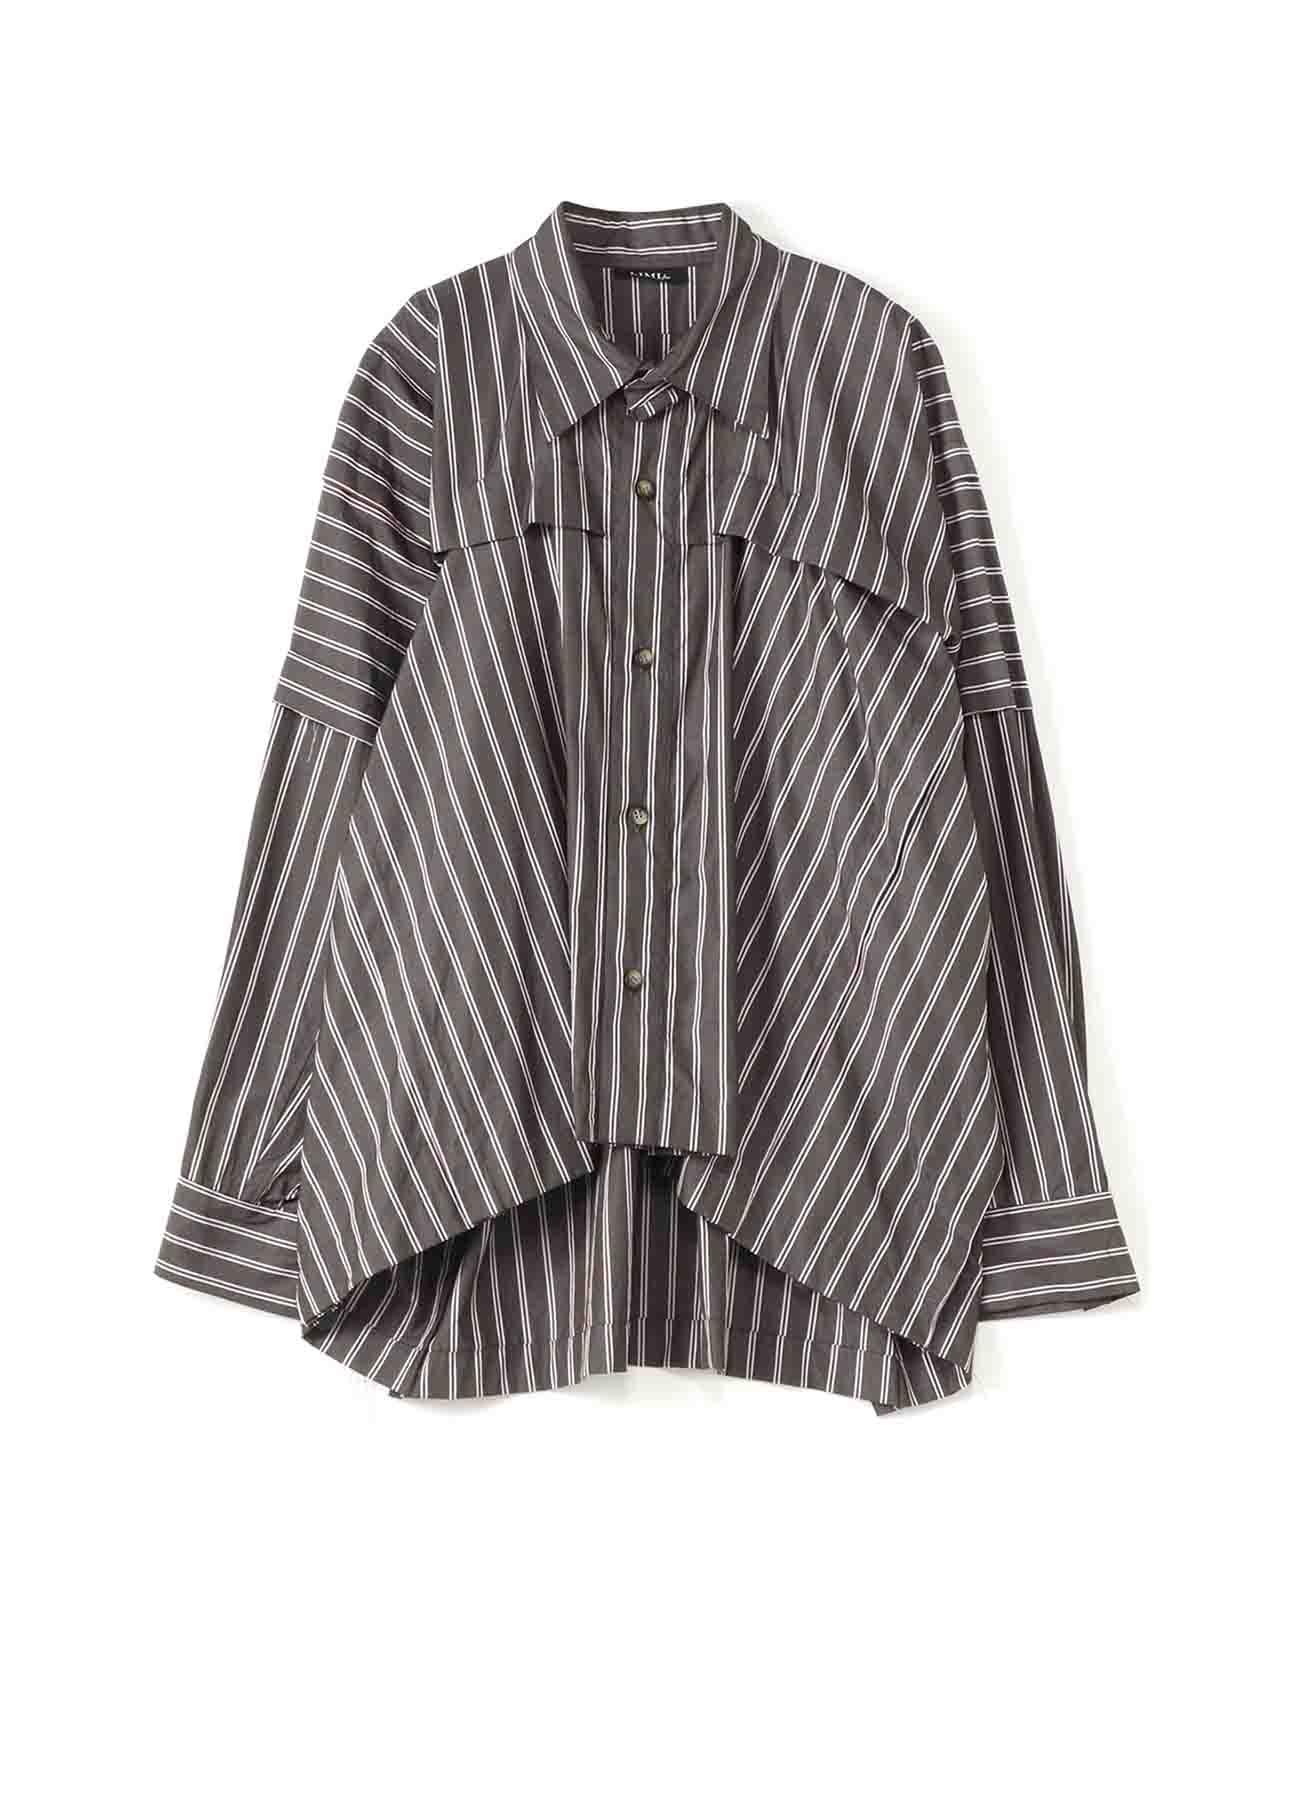 シャツストライプタックシャツ